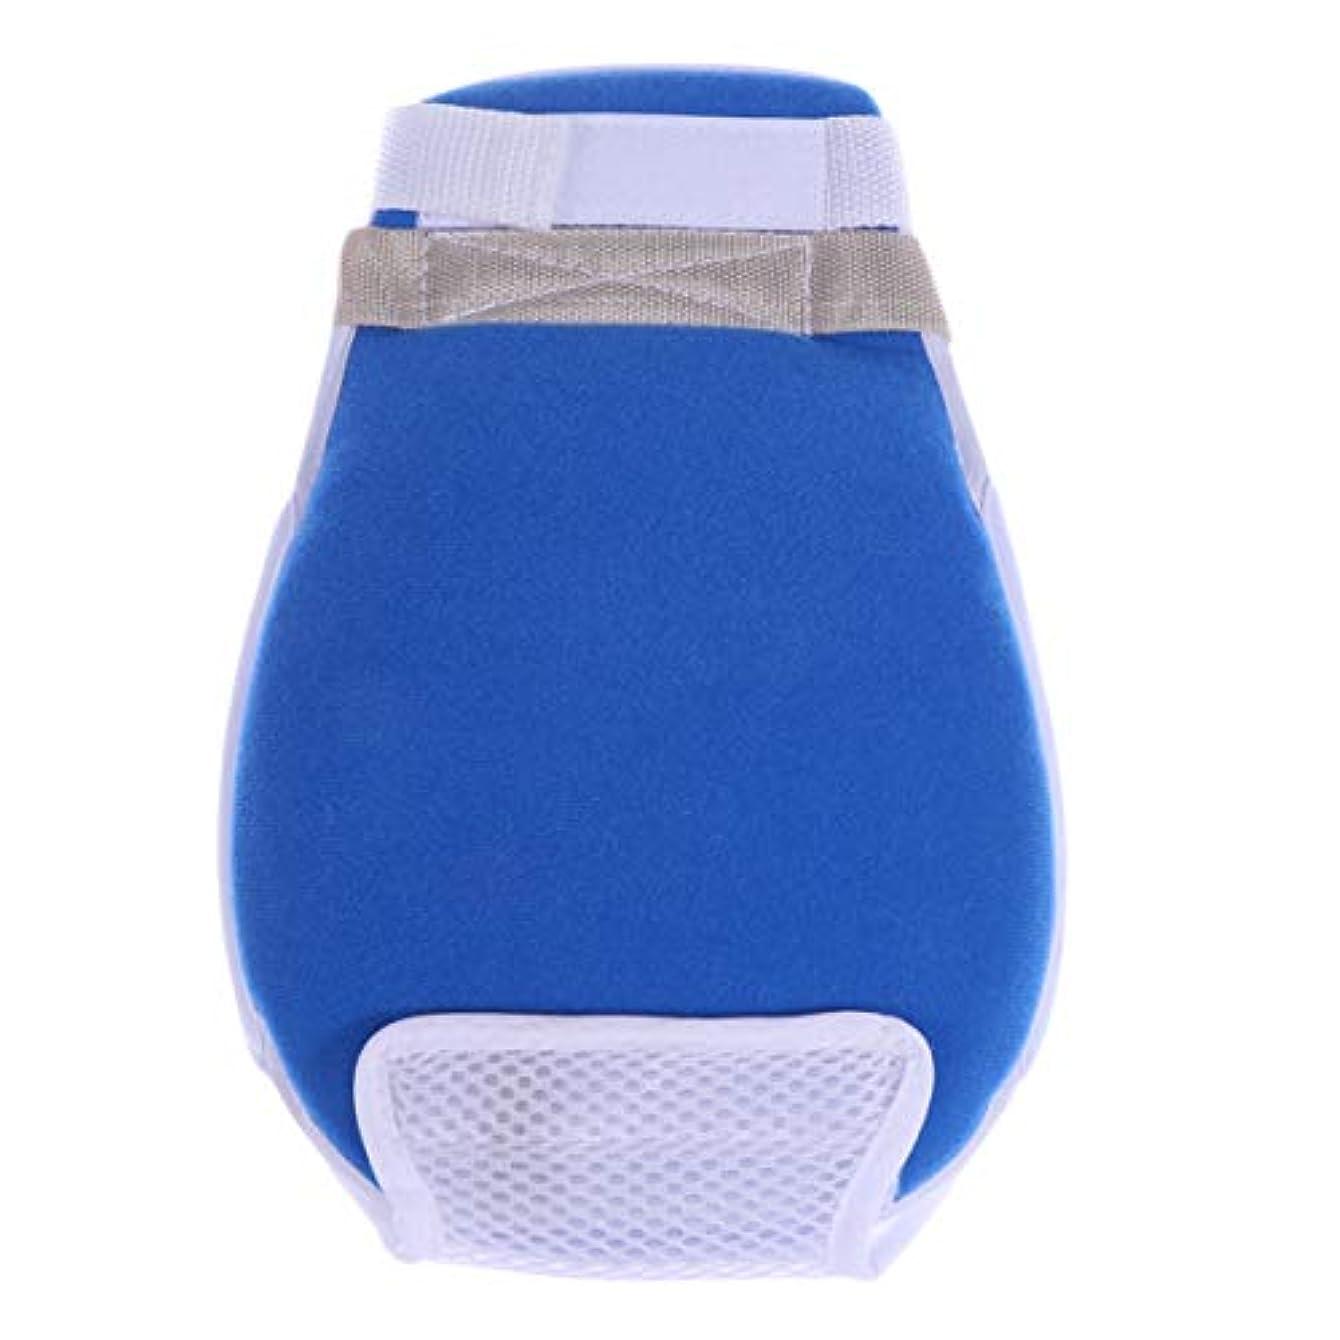 立法ブラウズスリップシューズHealifty 医療用手袋傷防止抗引っ張り保護手袋患者の年配の女性男性用の手結束バンド1個(青)